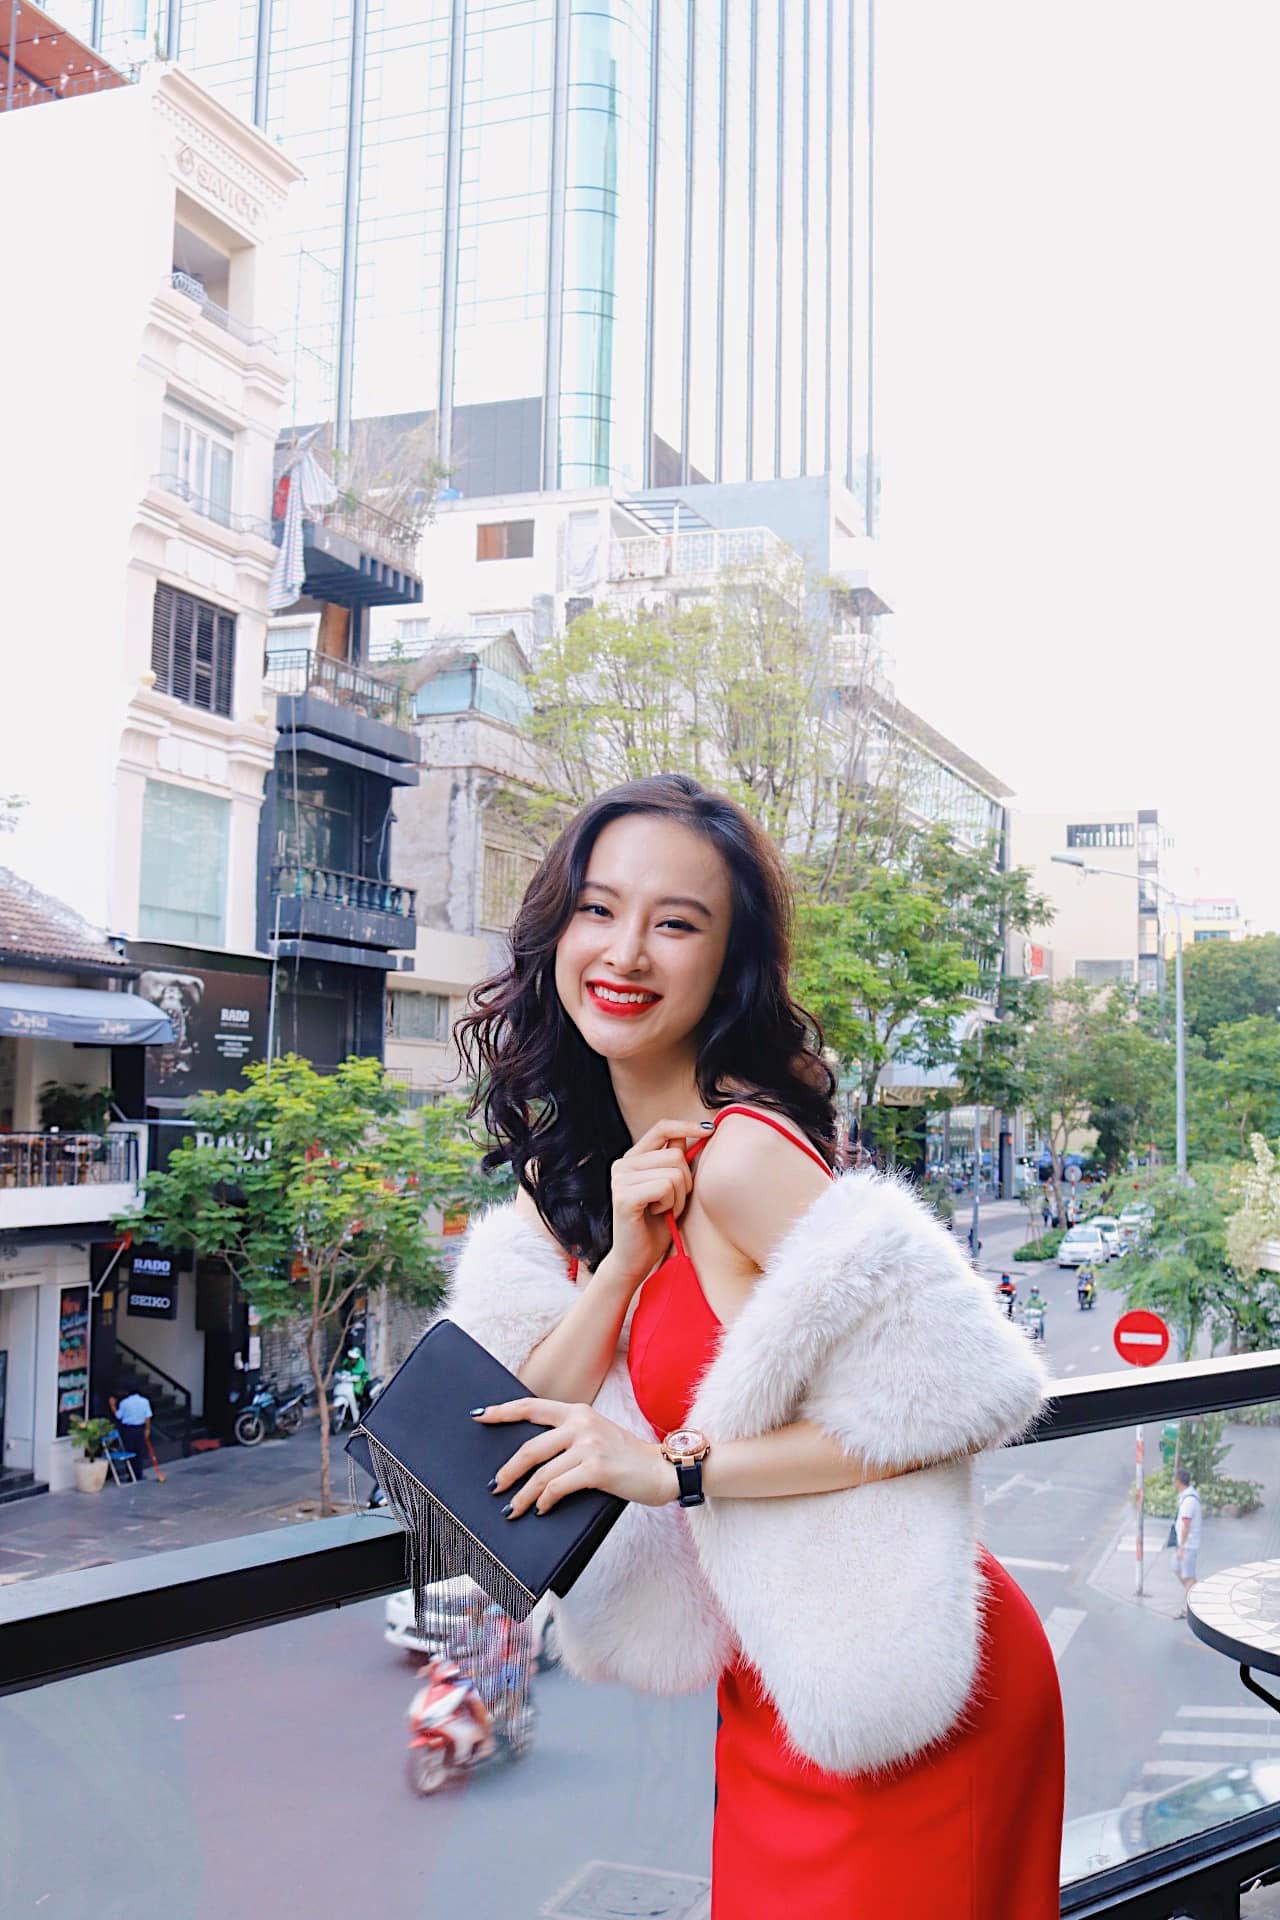 Sao nhí Việt ngày ấy - bây giờ: Người vật lộn trong showbiz, kẻ lấy chồng từ năm 19 tuổi - Ảnh 22.